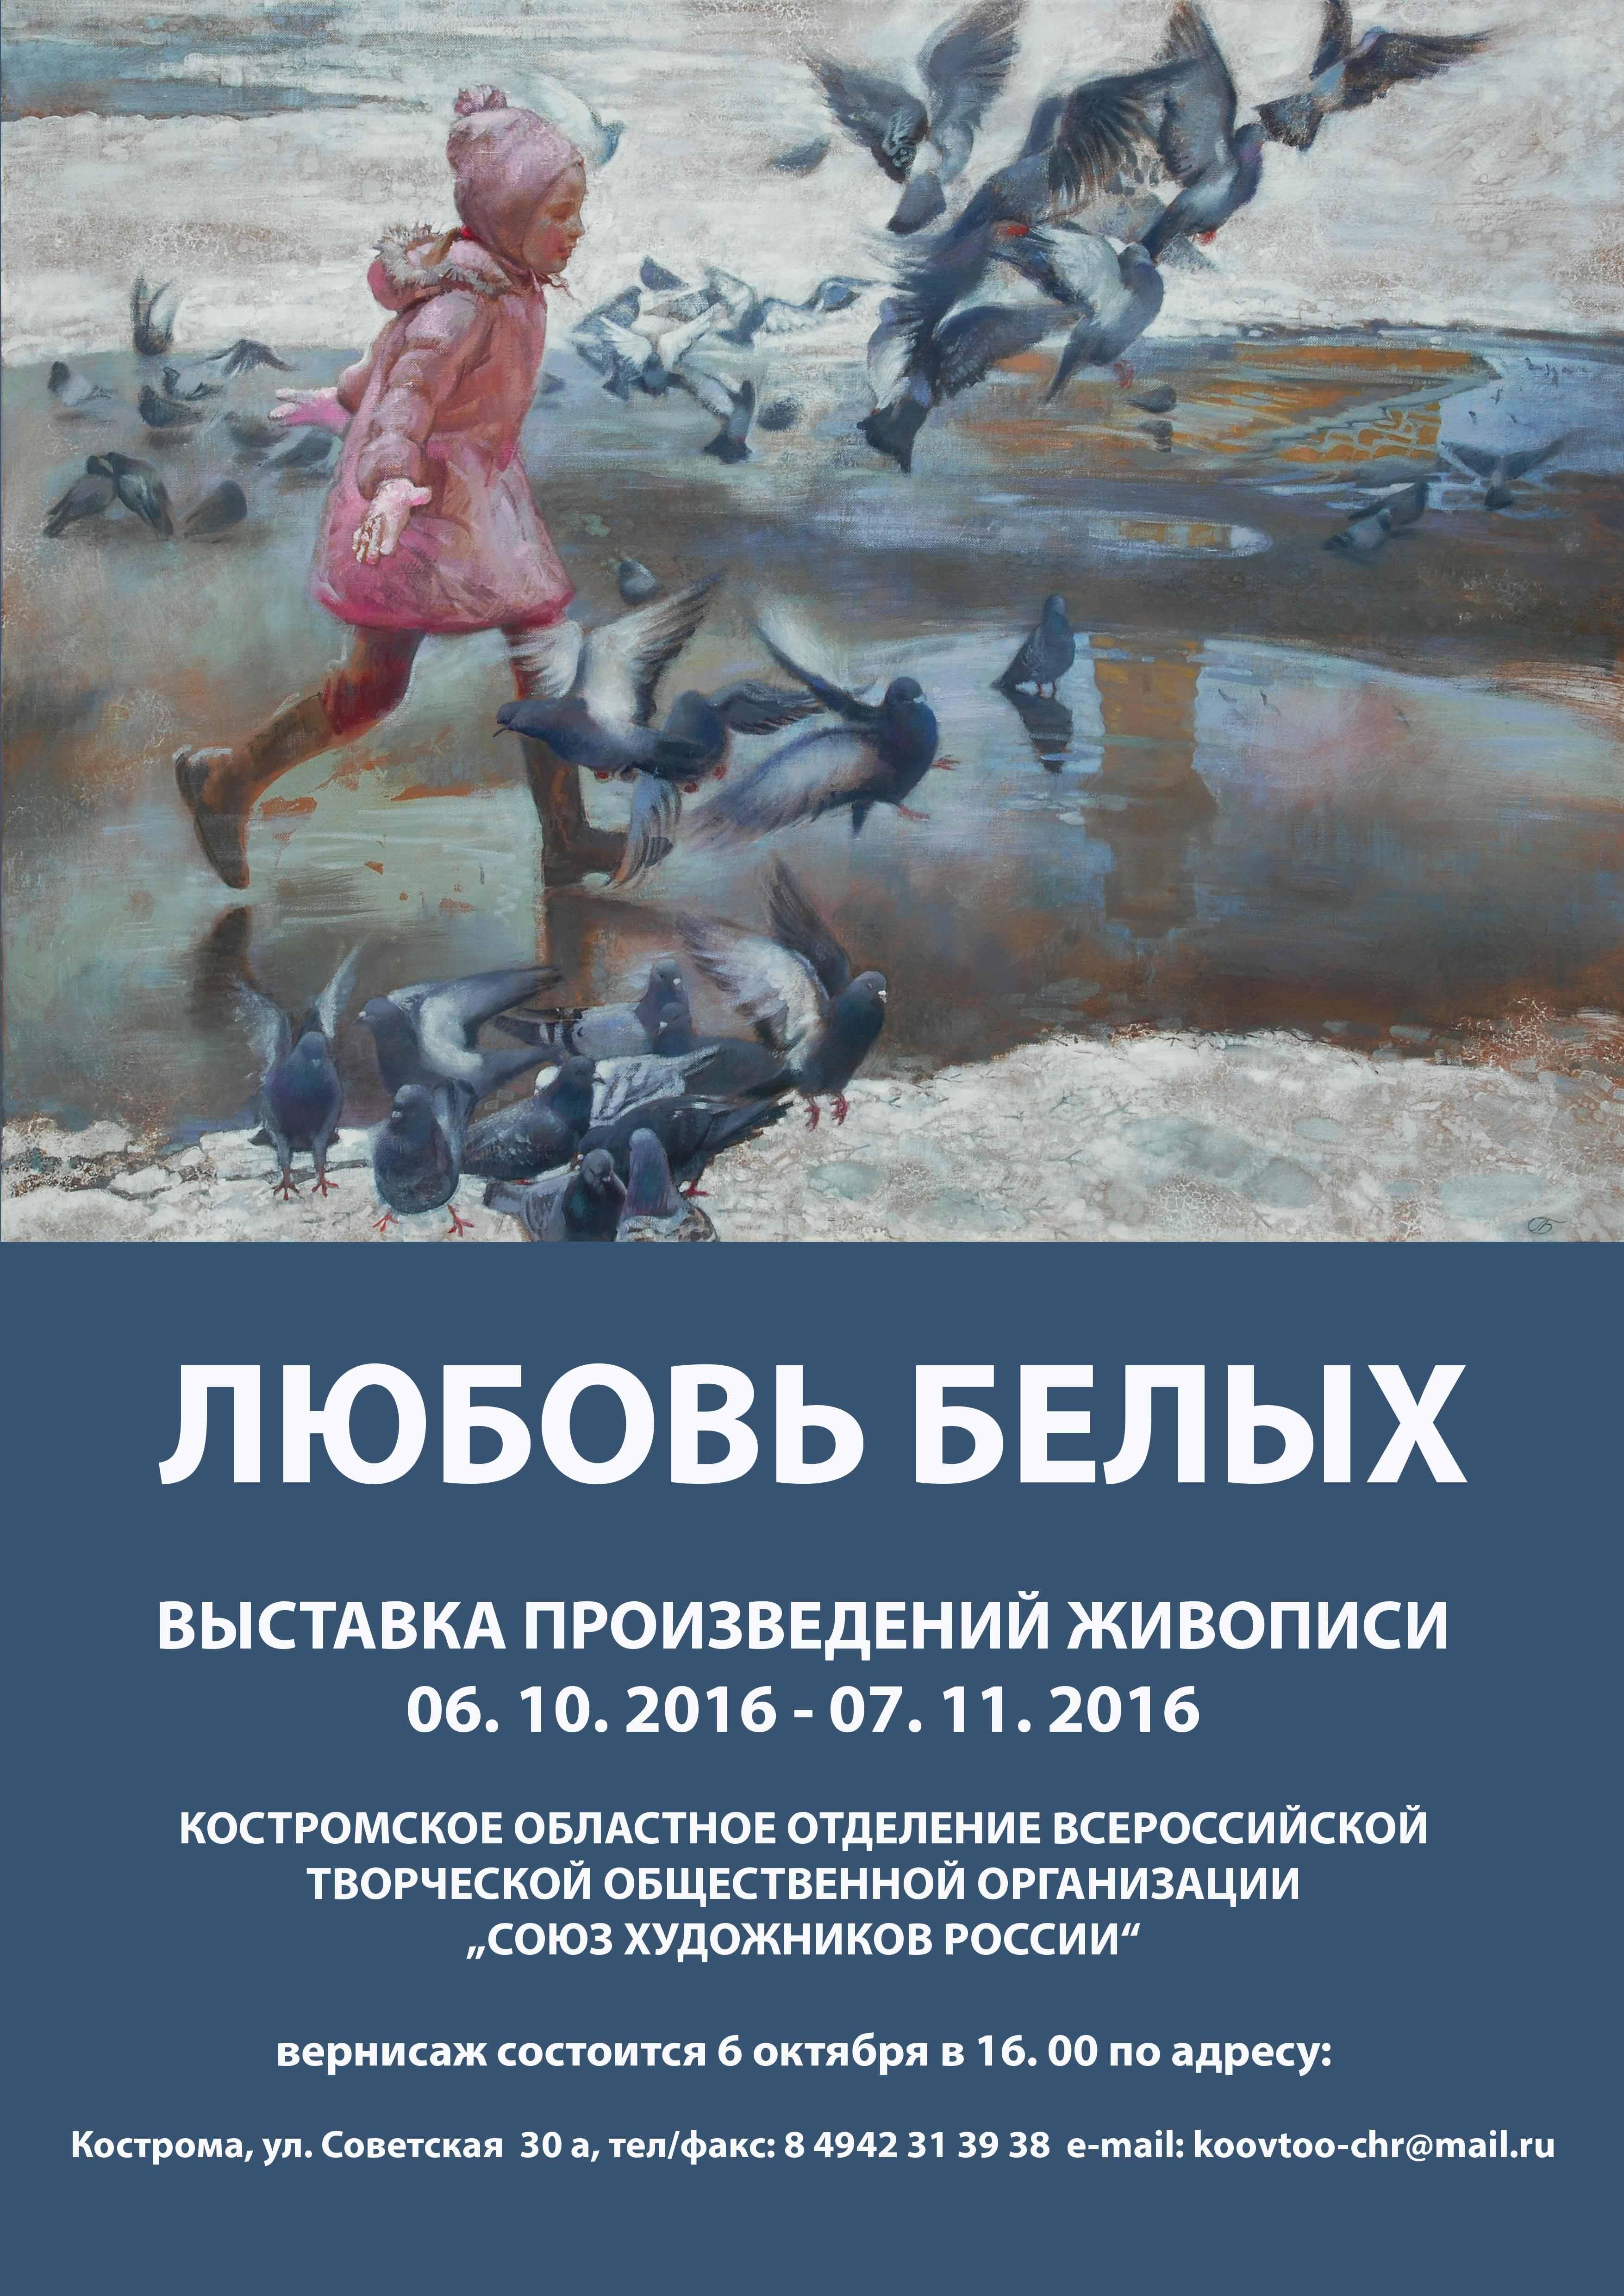 plakat-kostroma